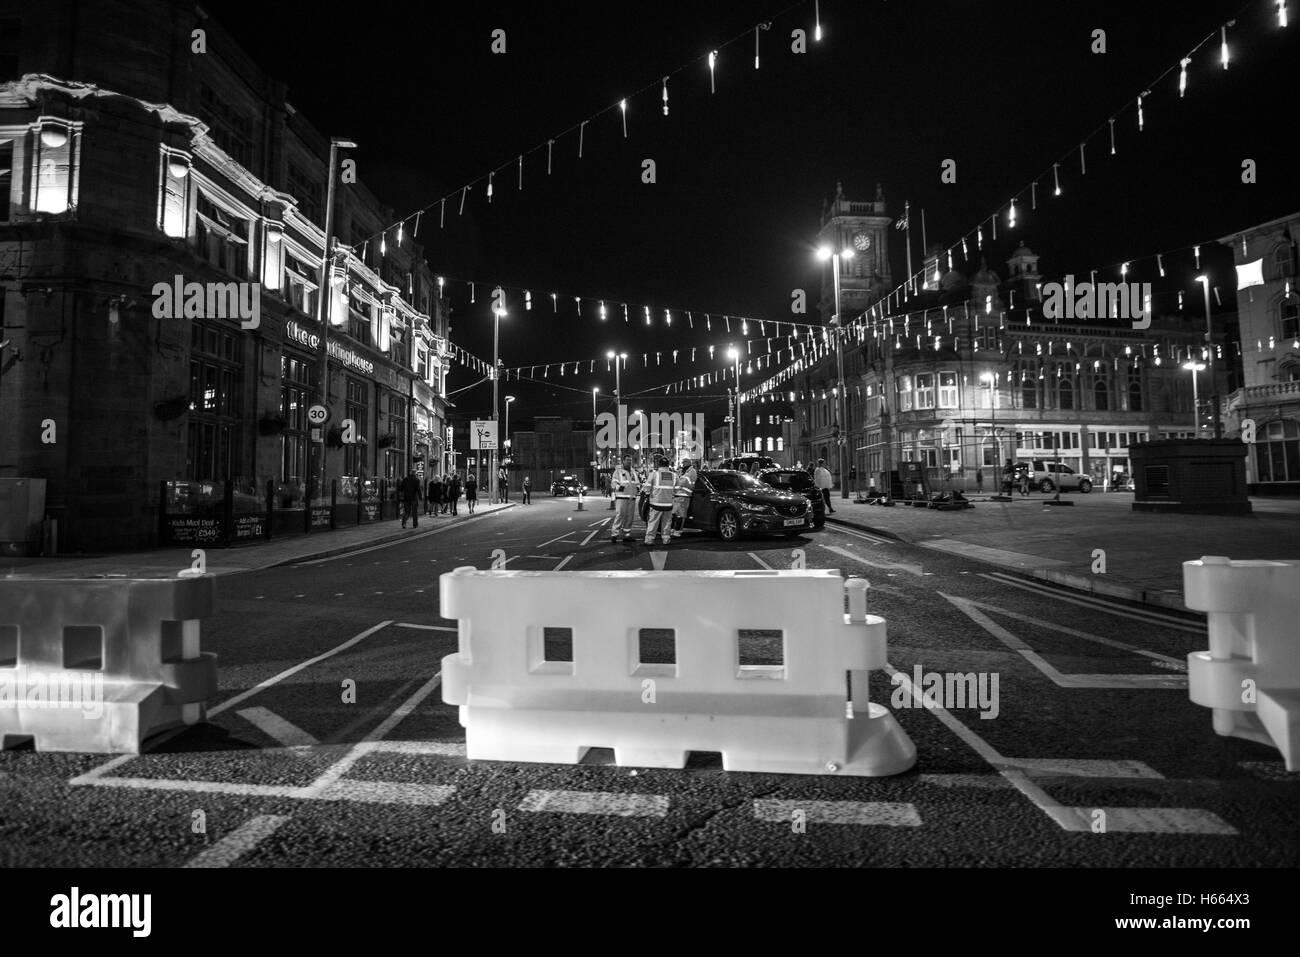 Oscuro, Moody noche en Blackpool, Inglaterra durante el otoño, mientras que el Negro famoso iluminaciones están encendidos Foto de stock